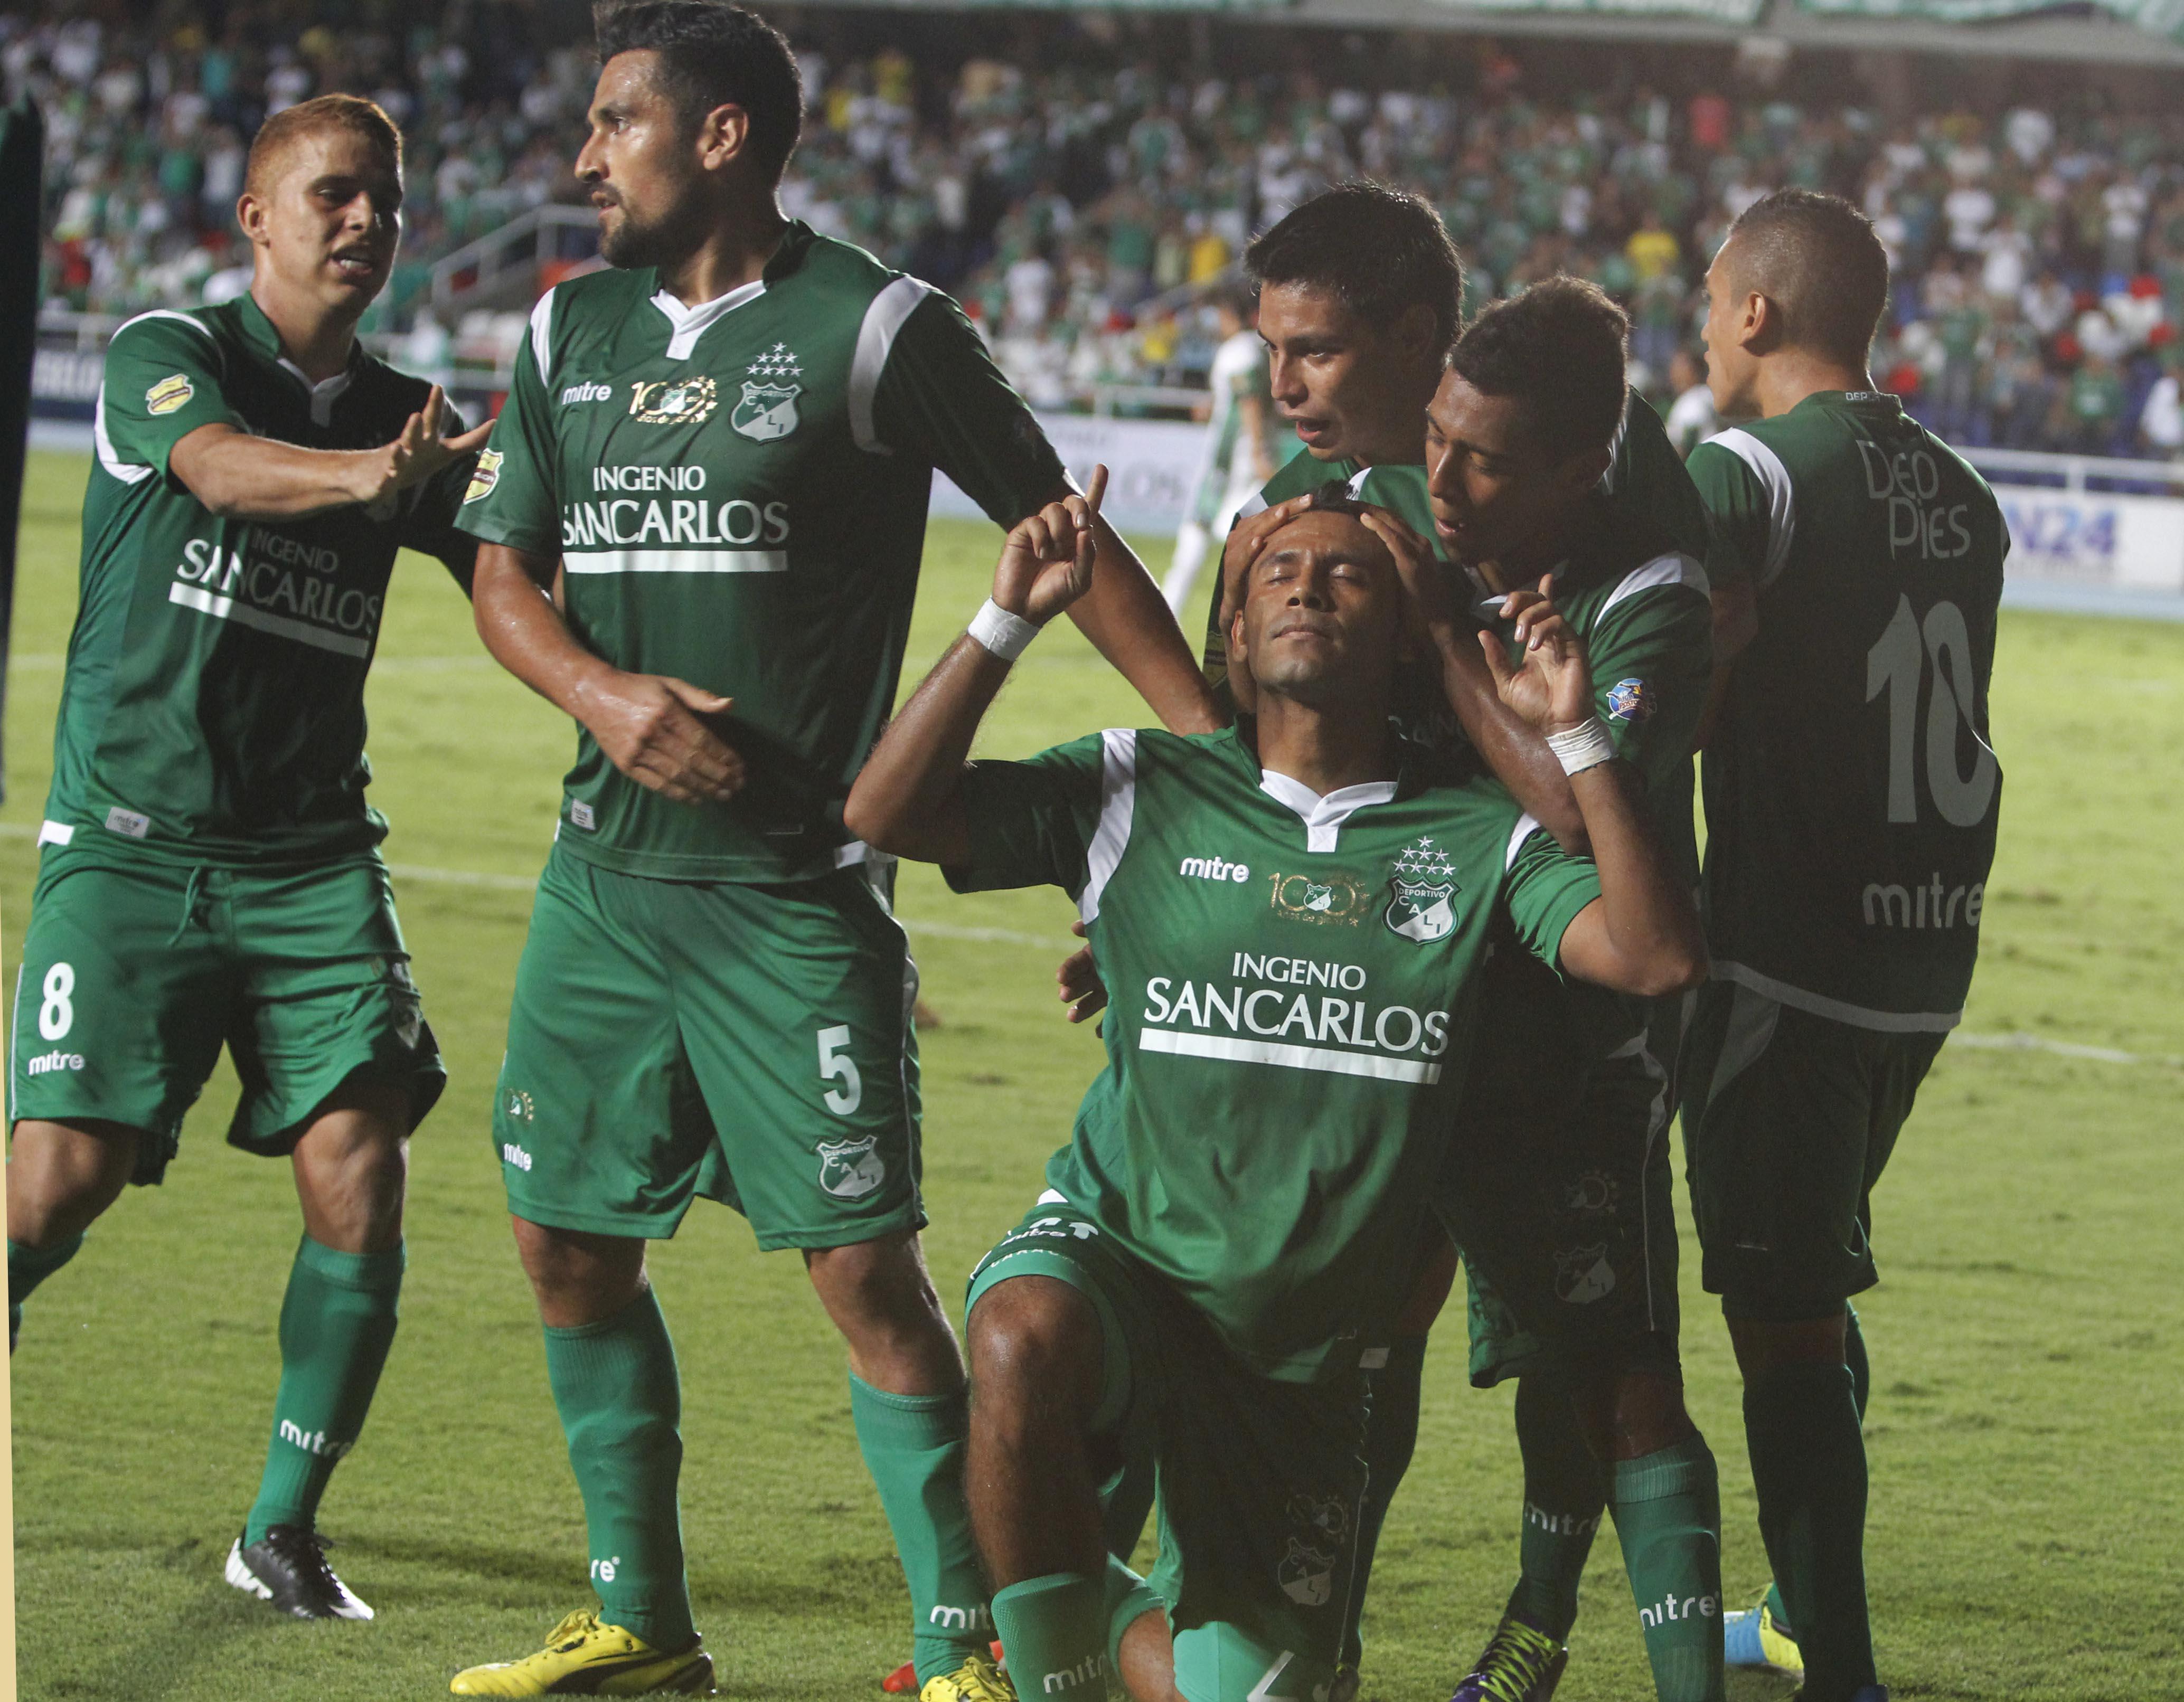 El Deportivo Cali se metió en la pelea final ahora ya sueña con el titulo